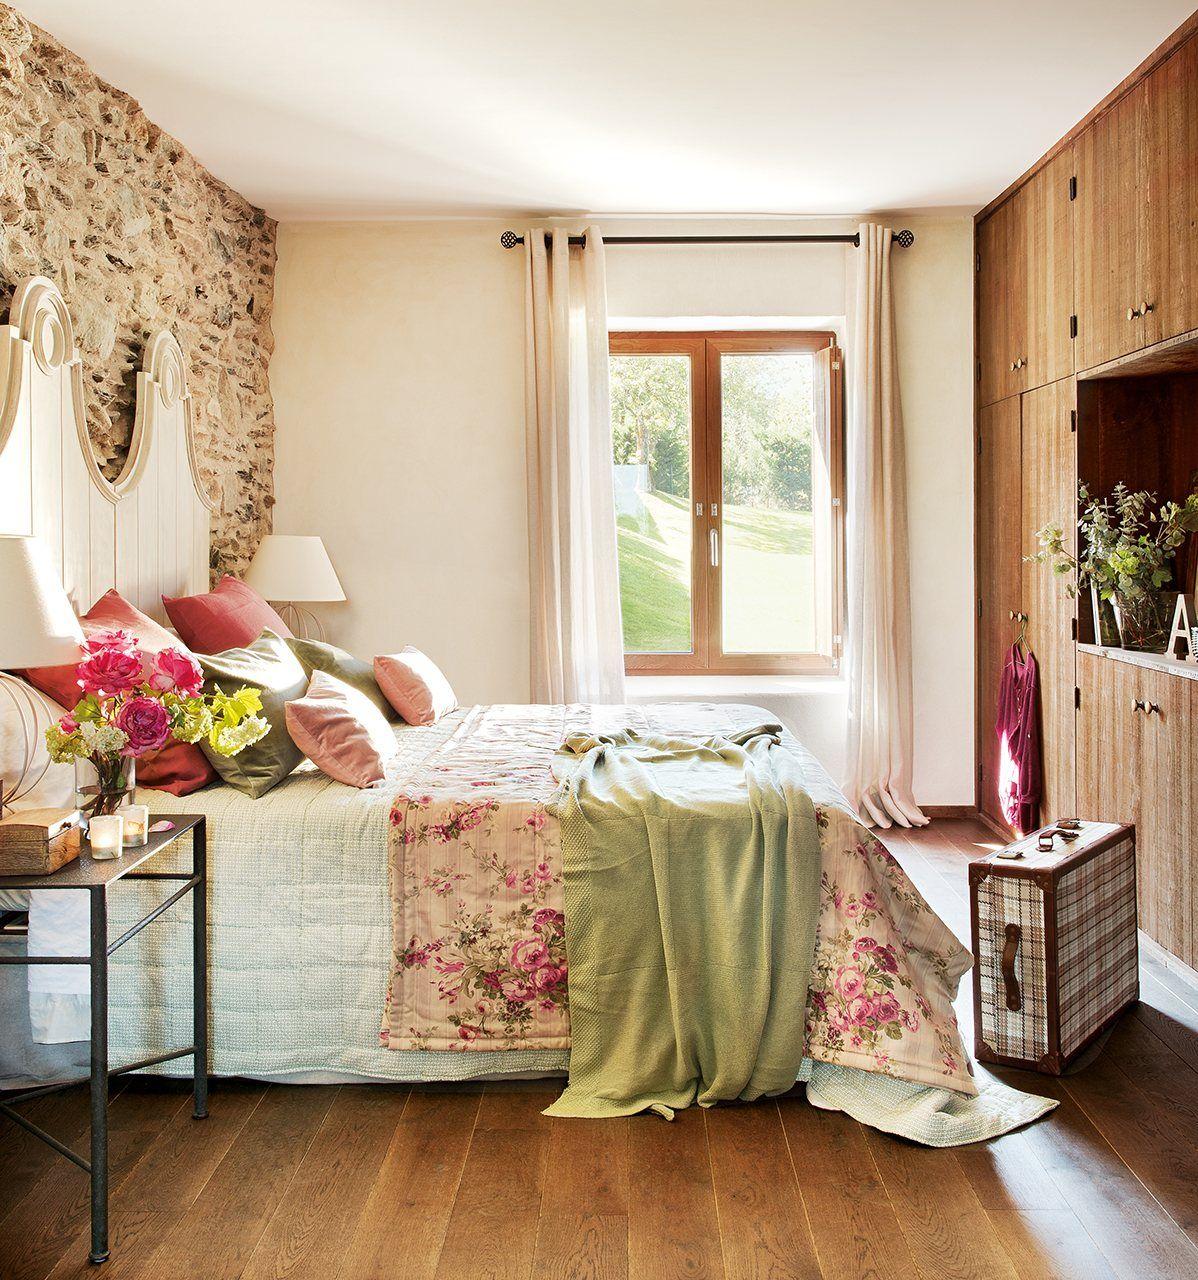 12 dormitorios peque os y acogedores - Decorar armario empotrado ...